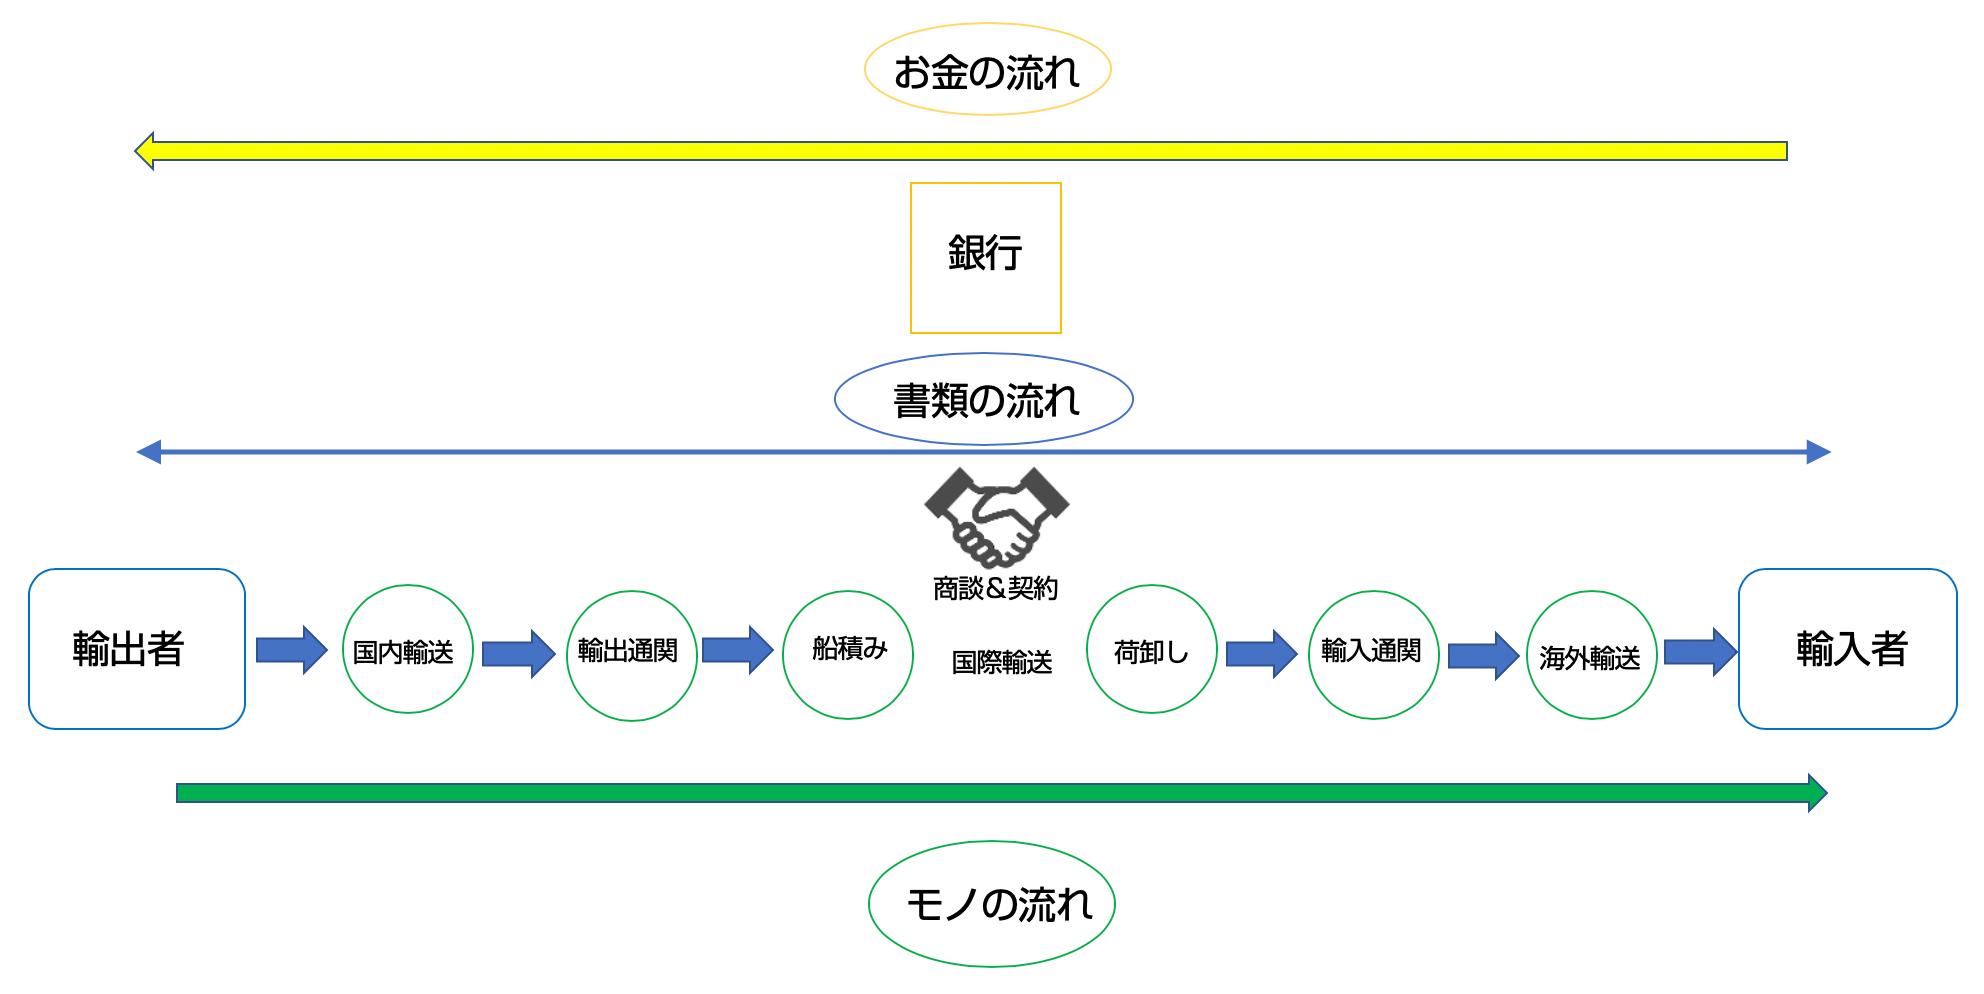 貿易(輸出)の流れ